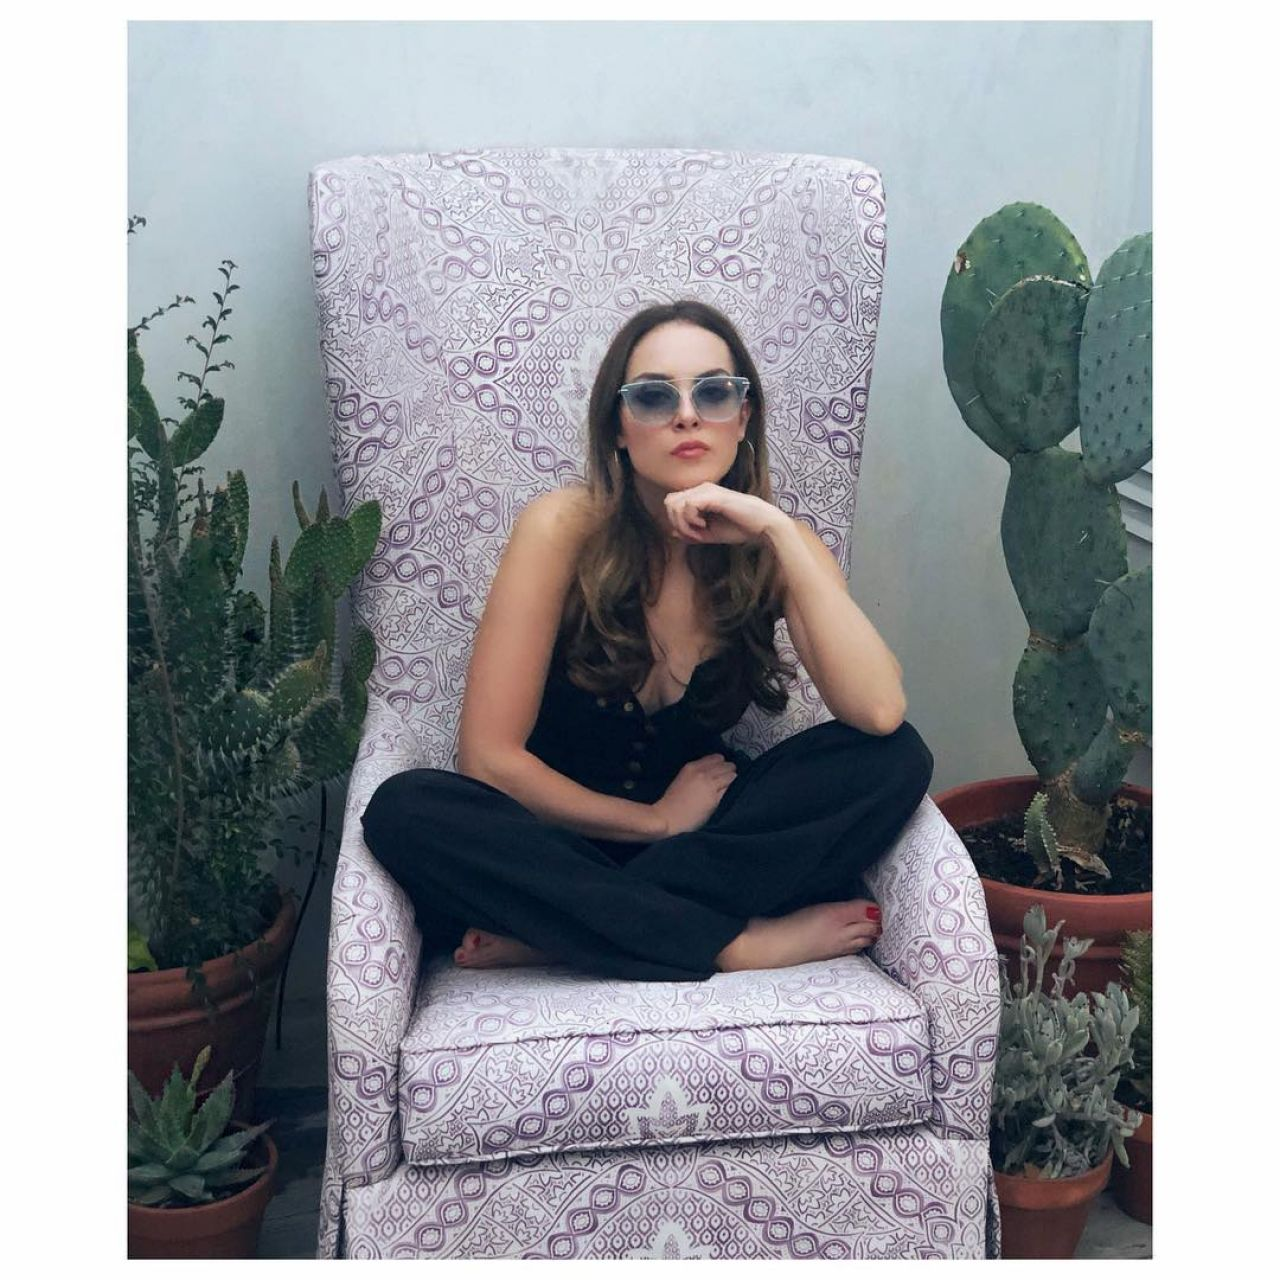 Top 10 Instagram Posts Of 2018: Liz Gillies Instagram 2018